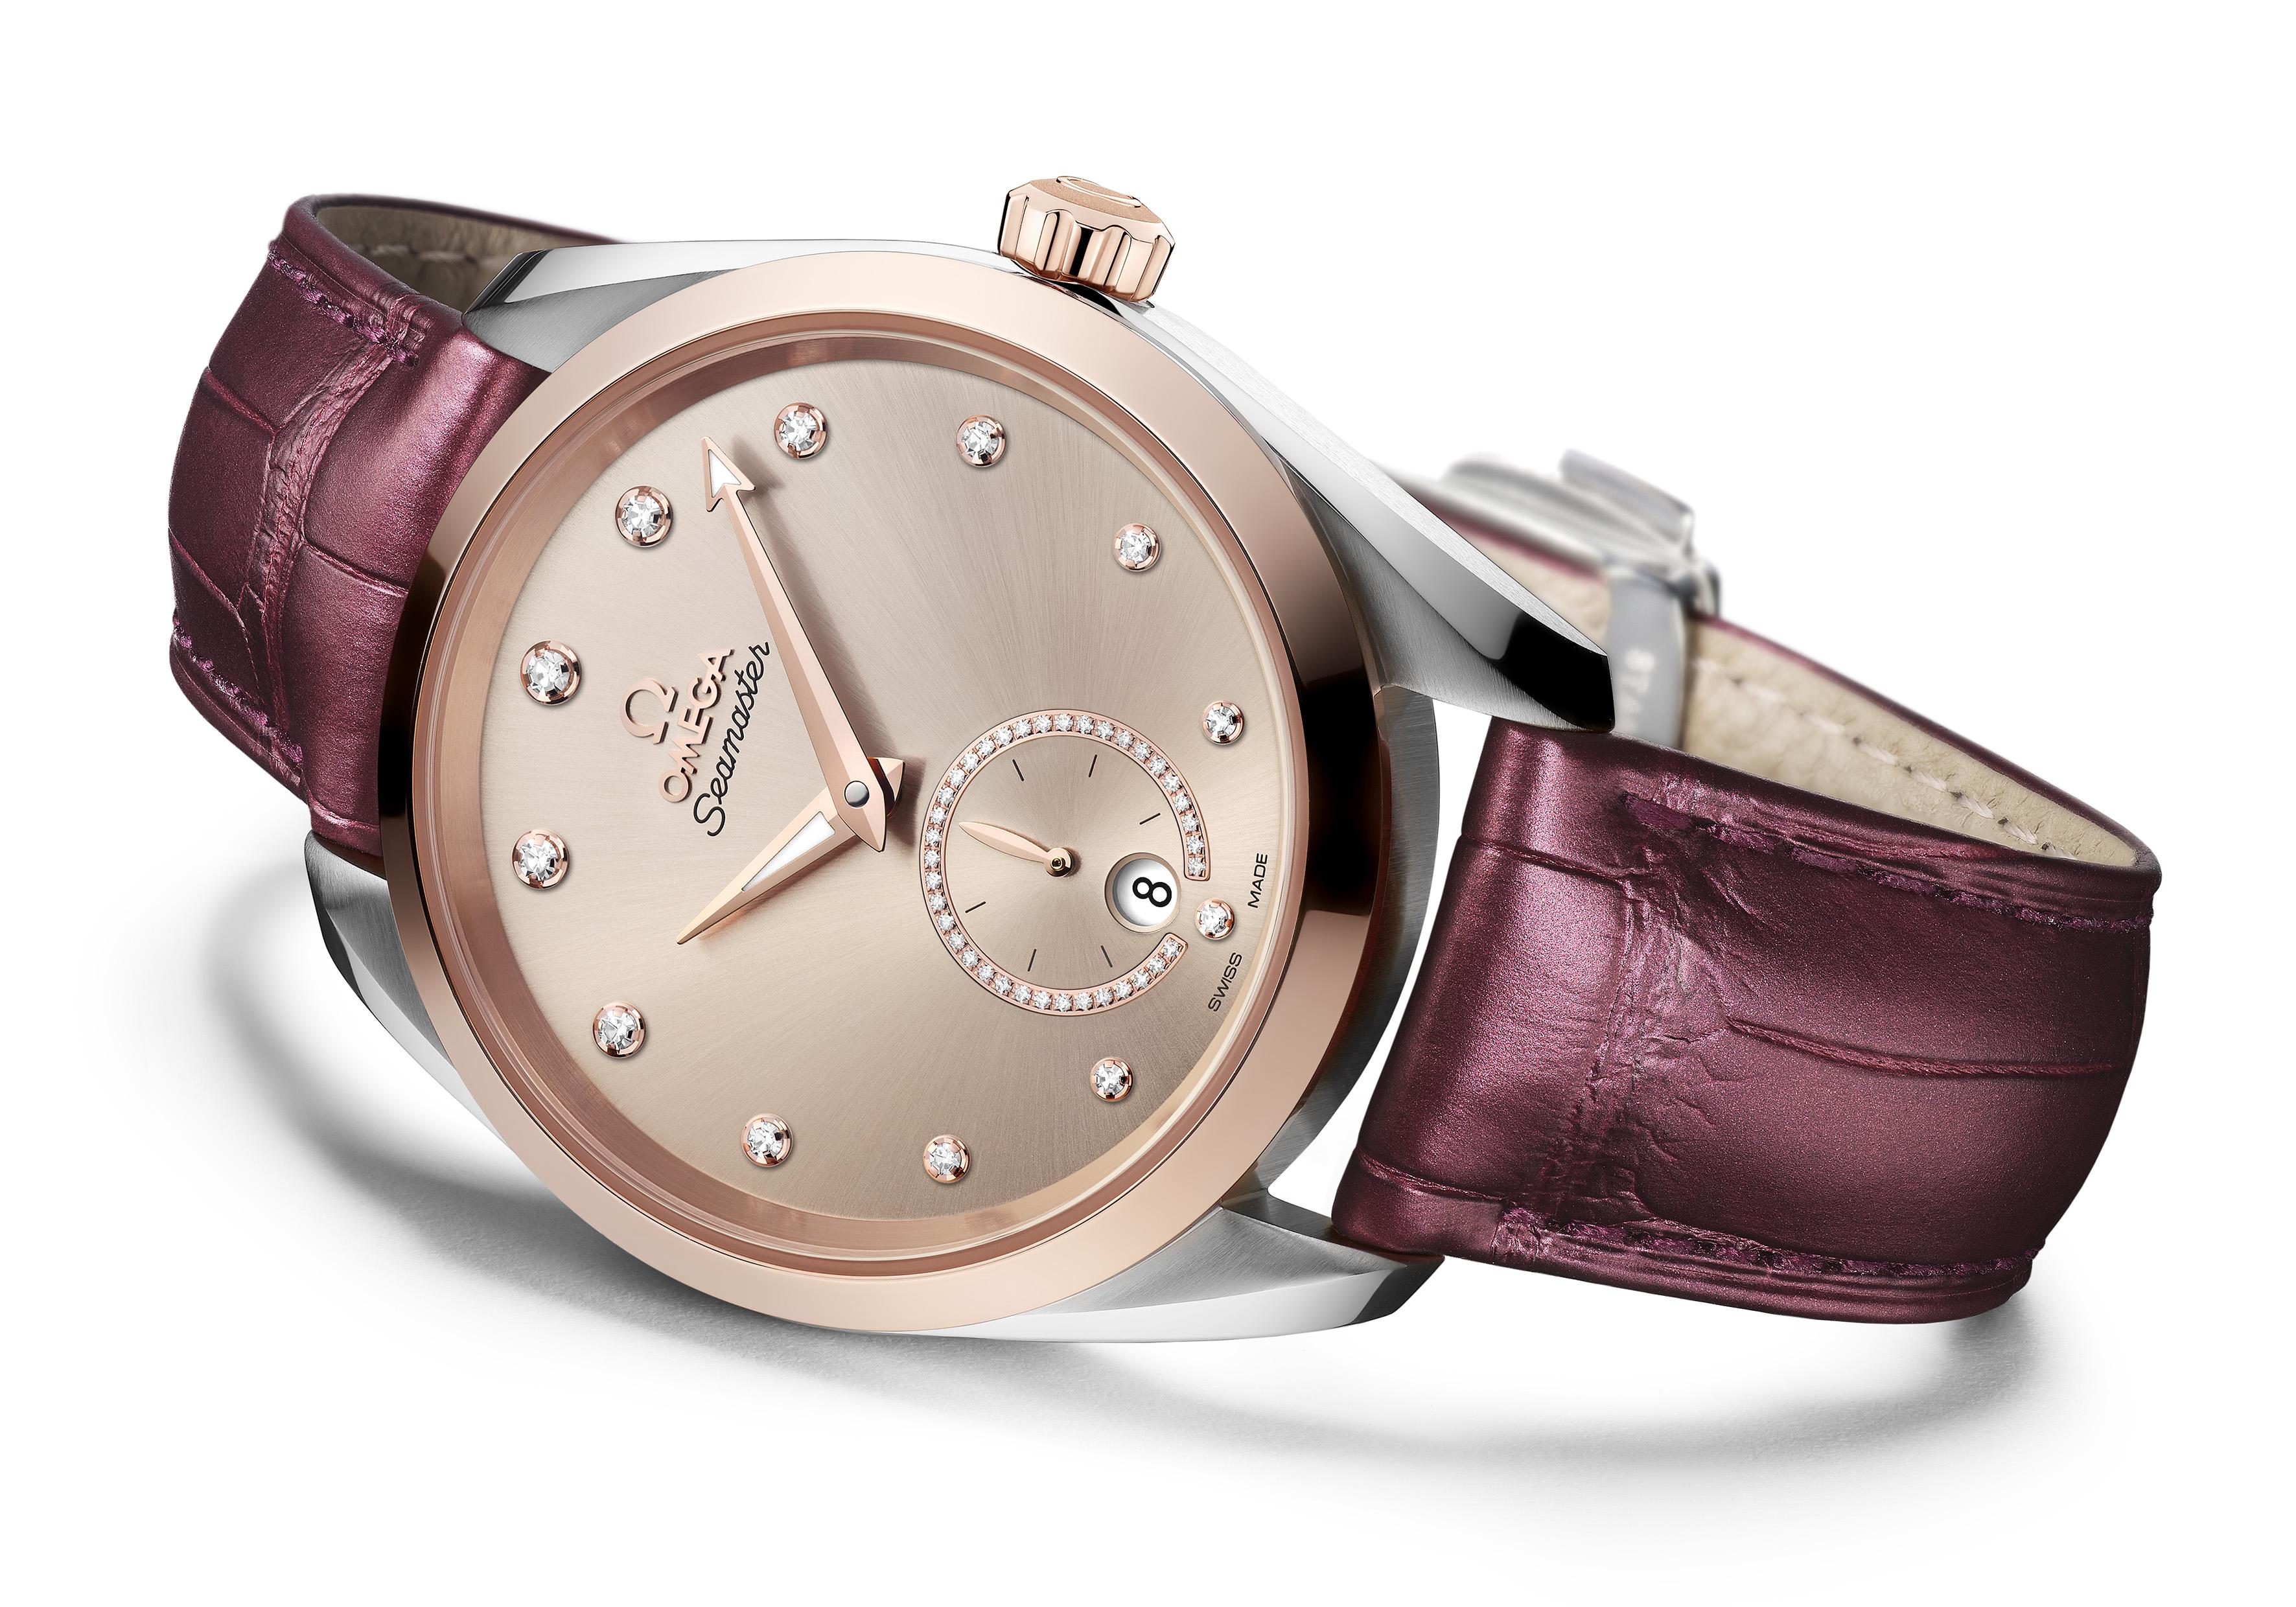 ساعة أكوا تيرا من أوميغا Omega تتألق بتصميم جديد